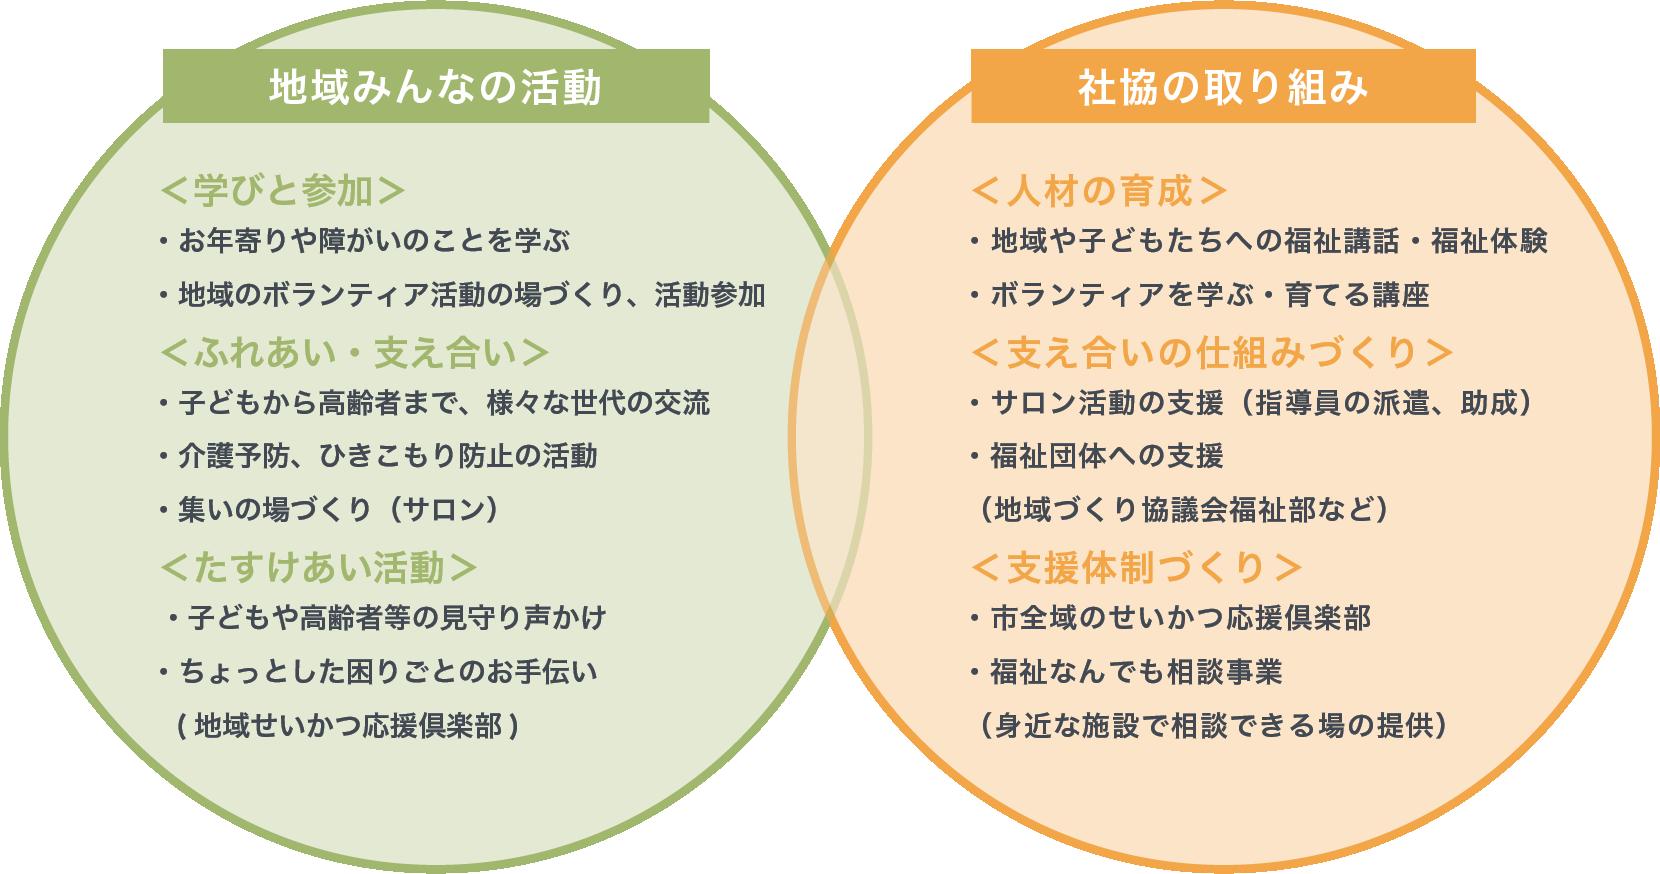 地域の活動、社協の取り組み図